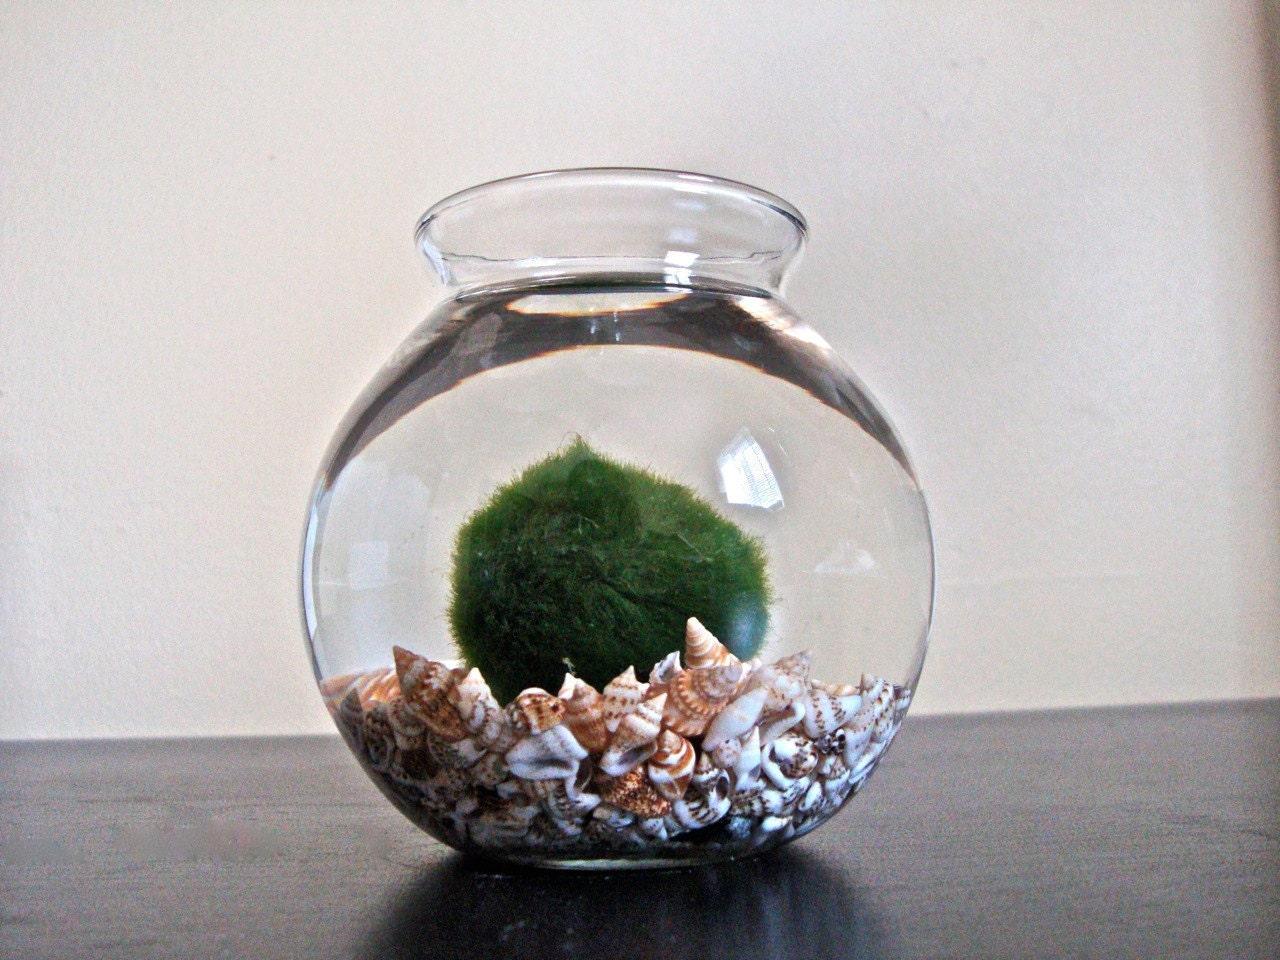 Huge marimo moss ball in a seashell aquarium garden decor for Marimo moss ball